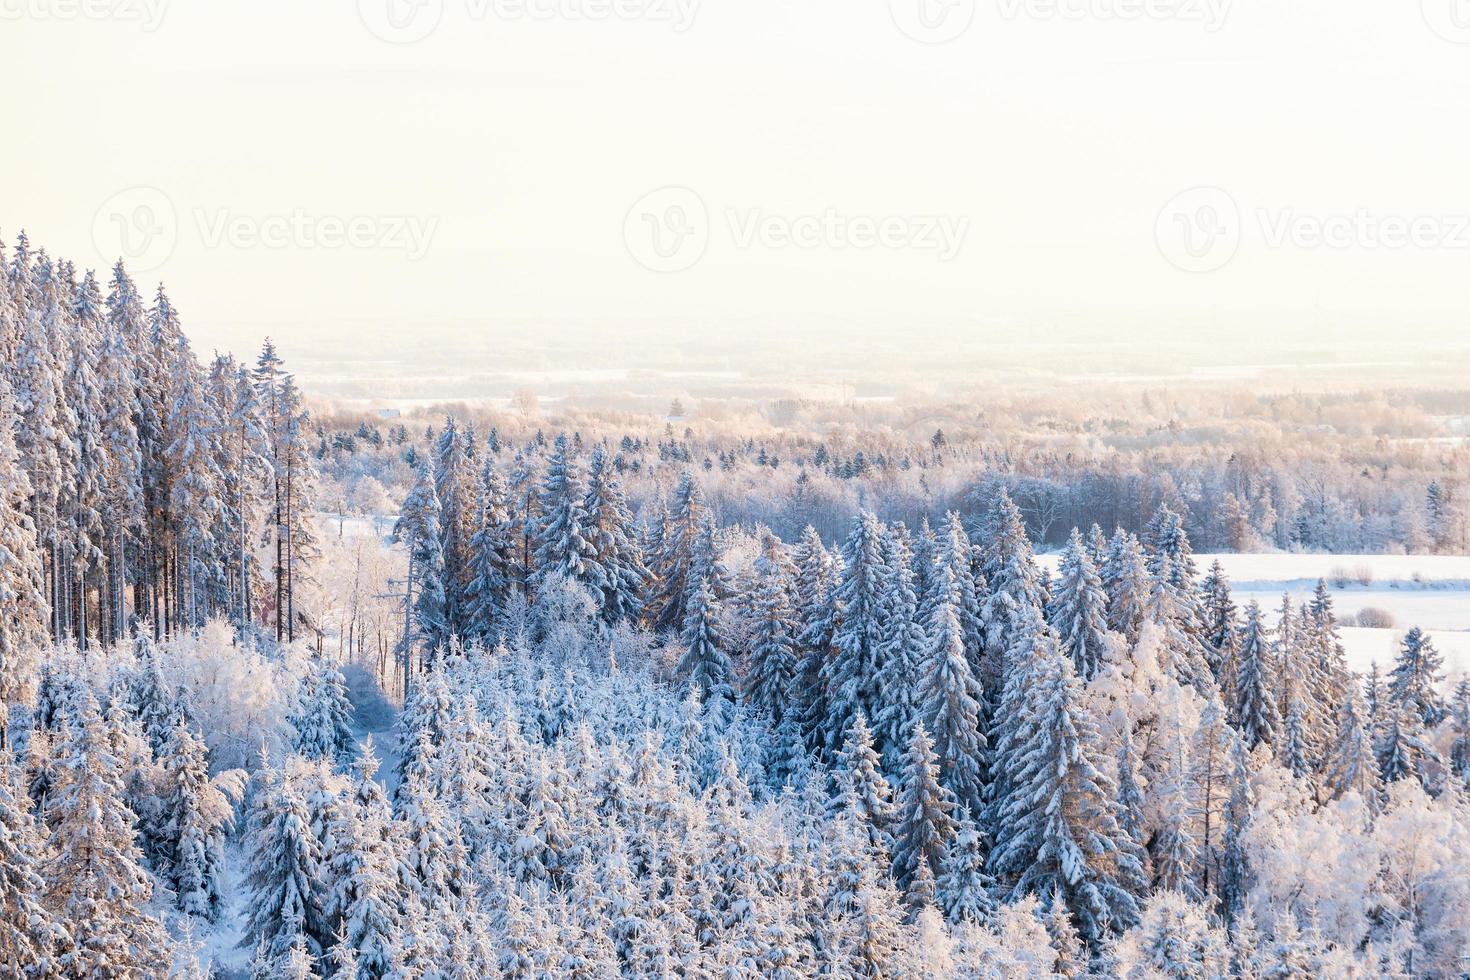 Blick auf den Wald im Winter foto